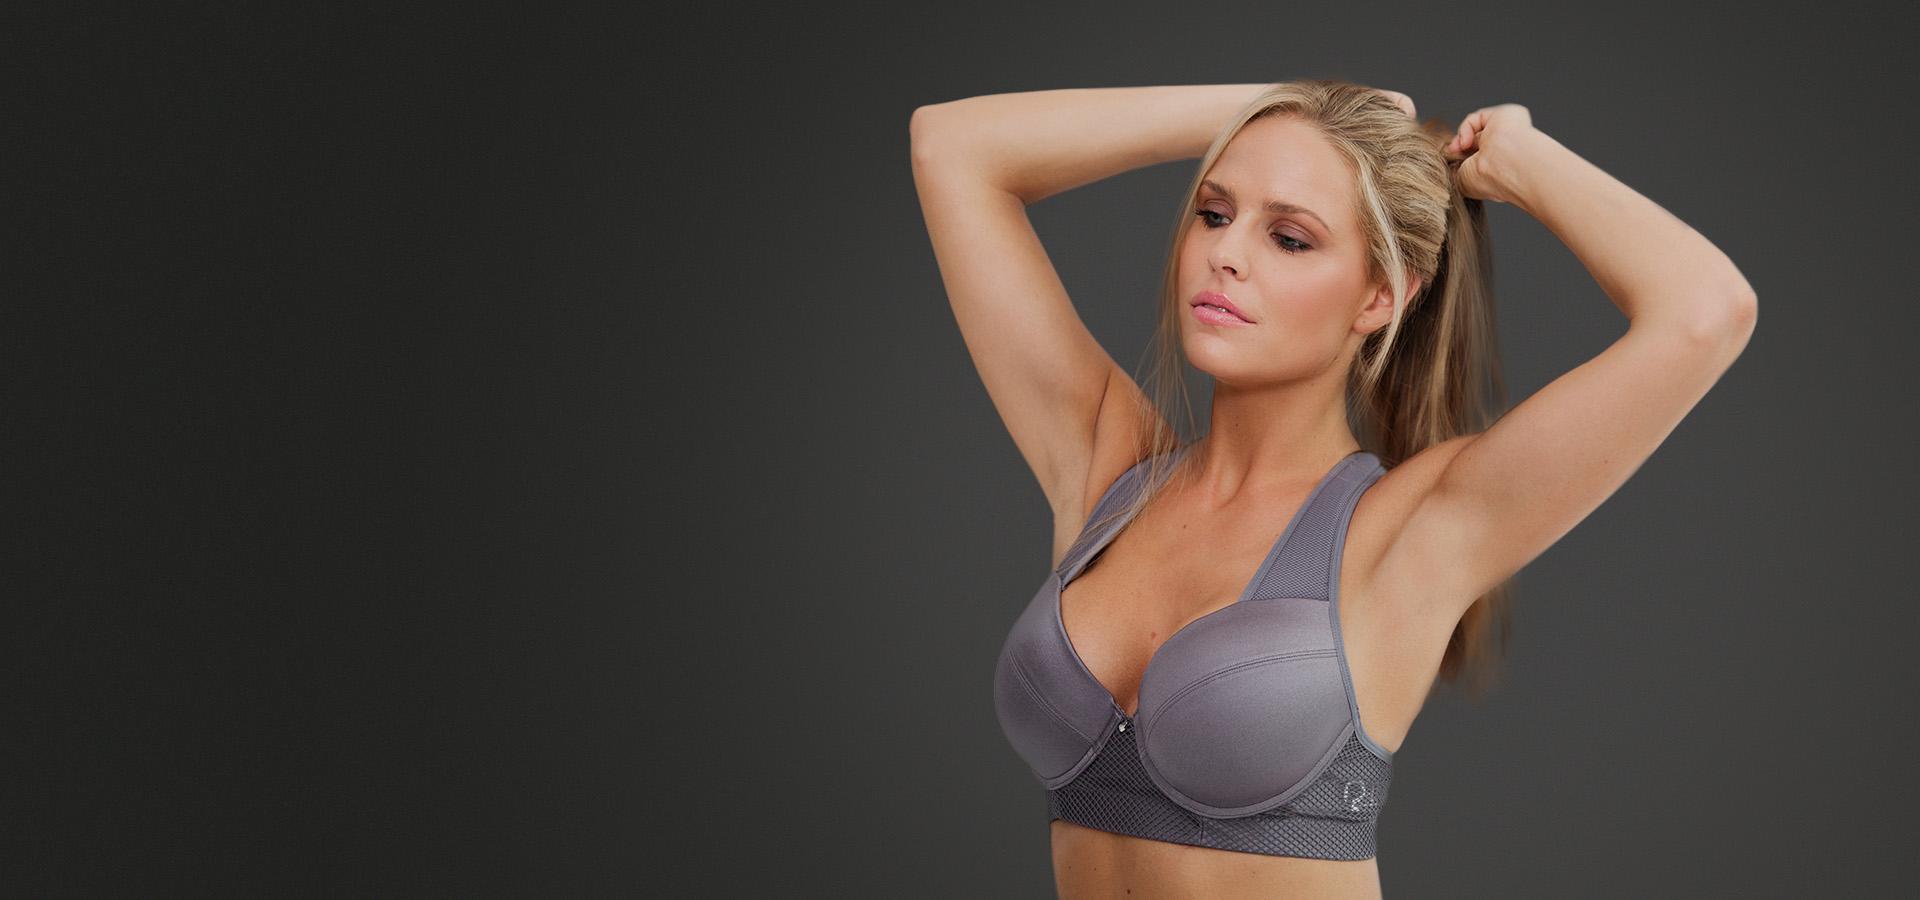 Luxury in a sports bra - sporty chic European luxury sports bras